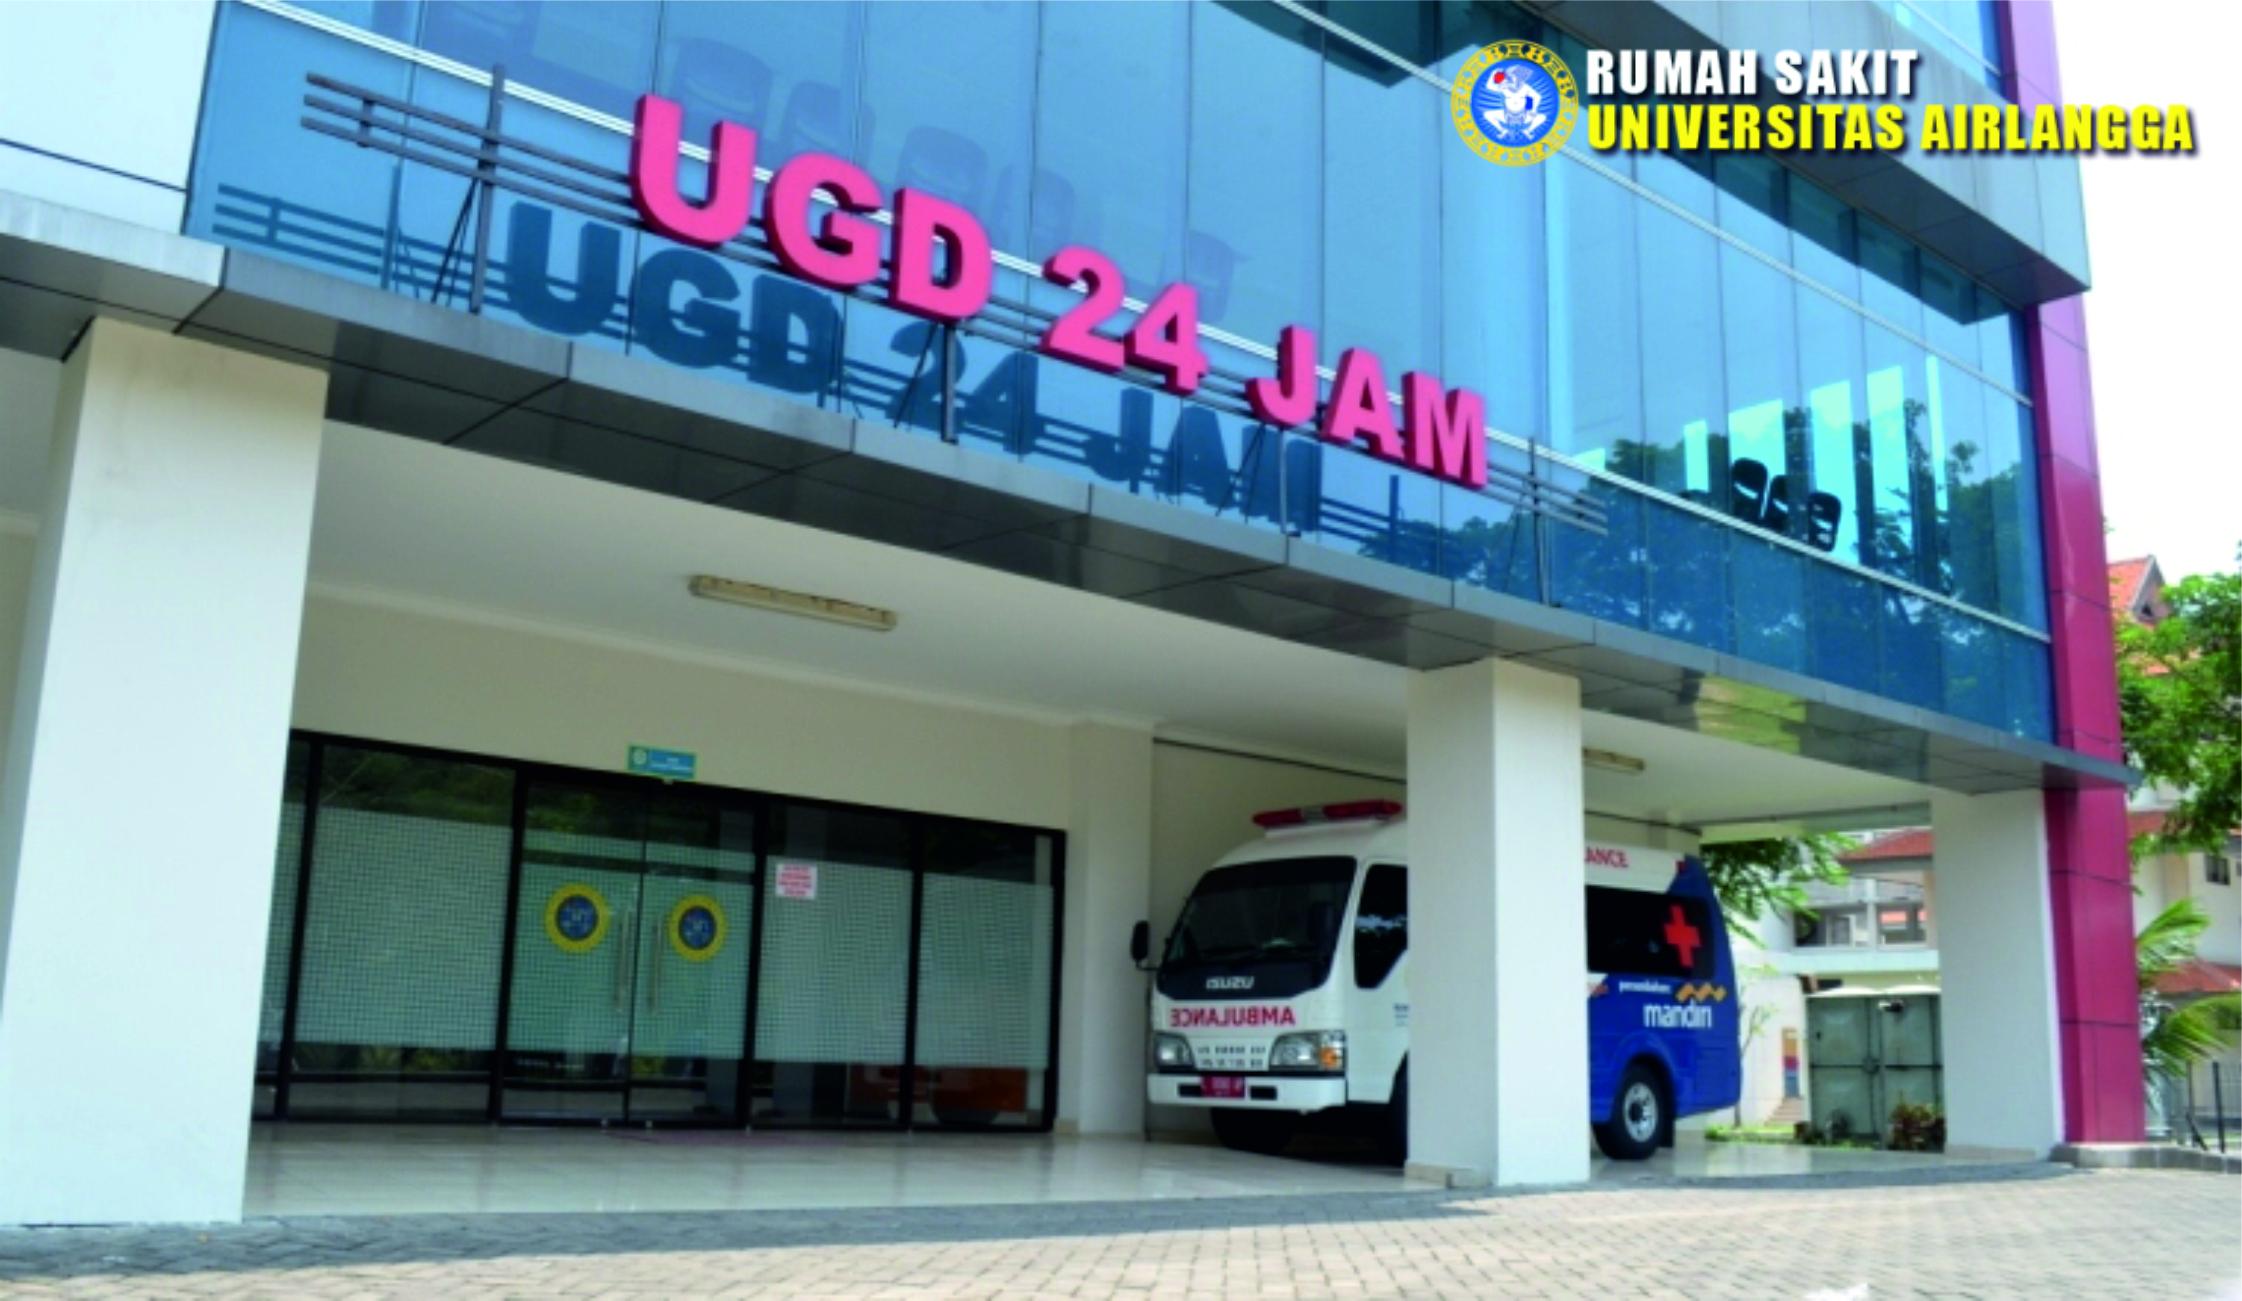 Rumah Sakit Universitas Airlangga